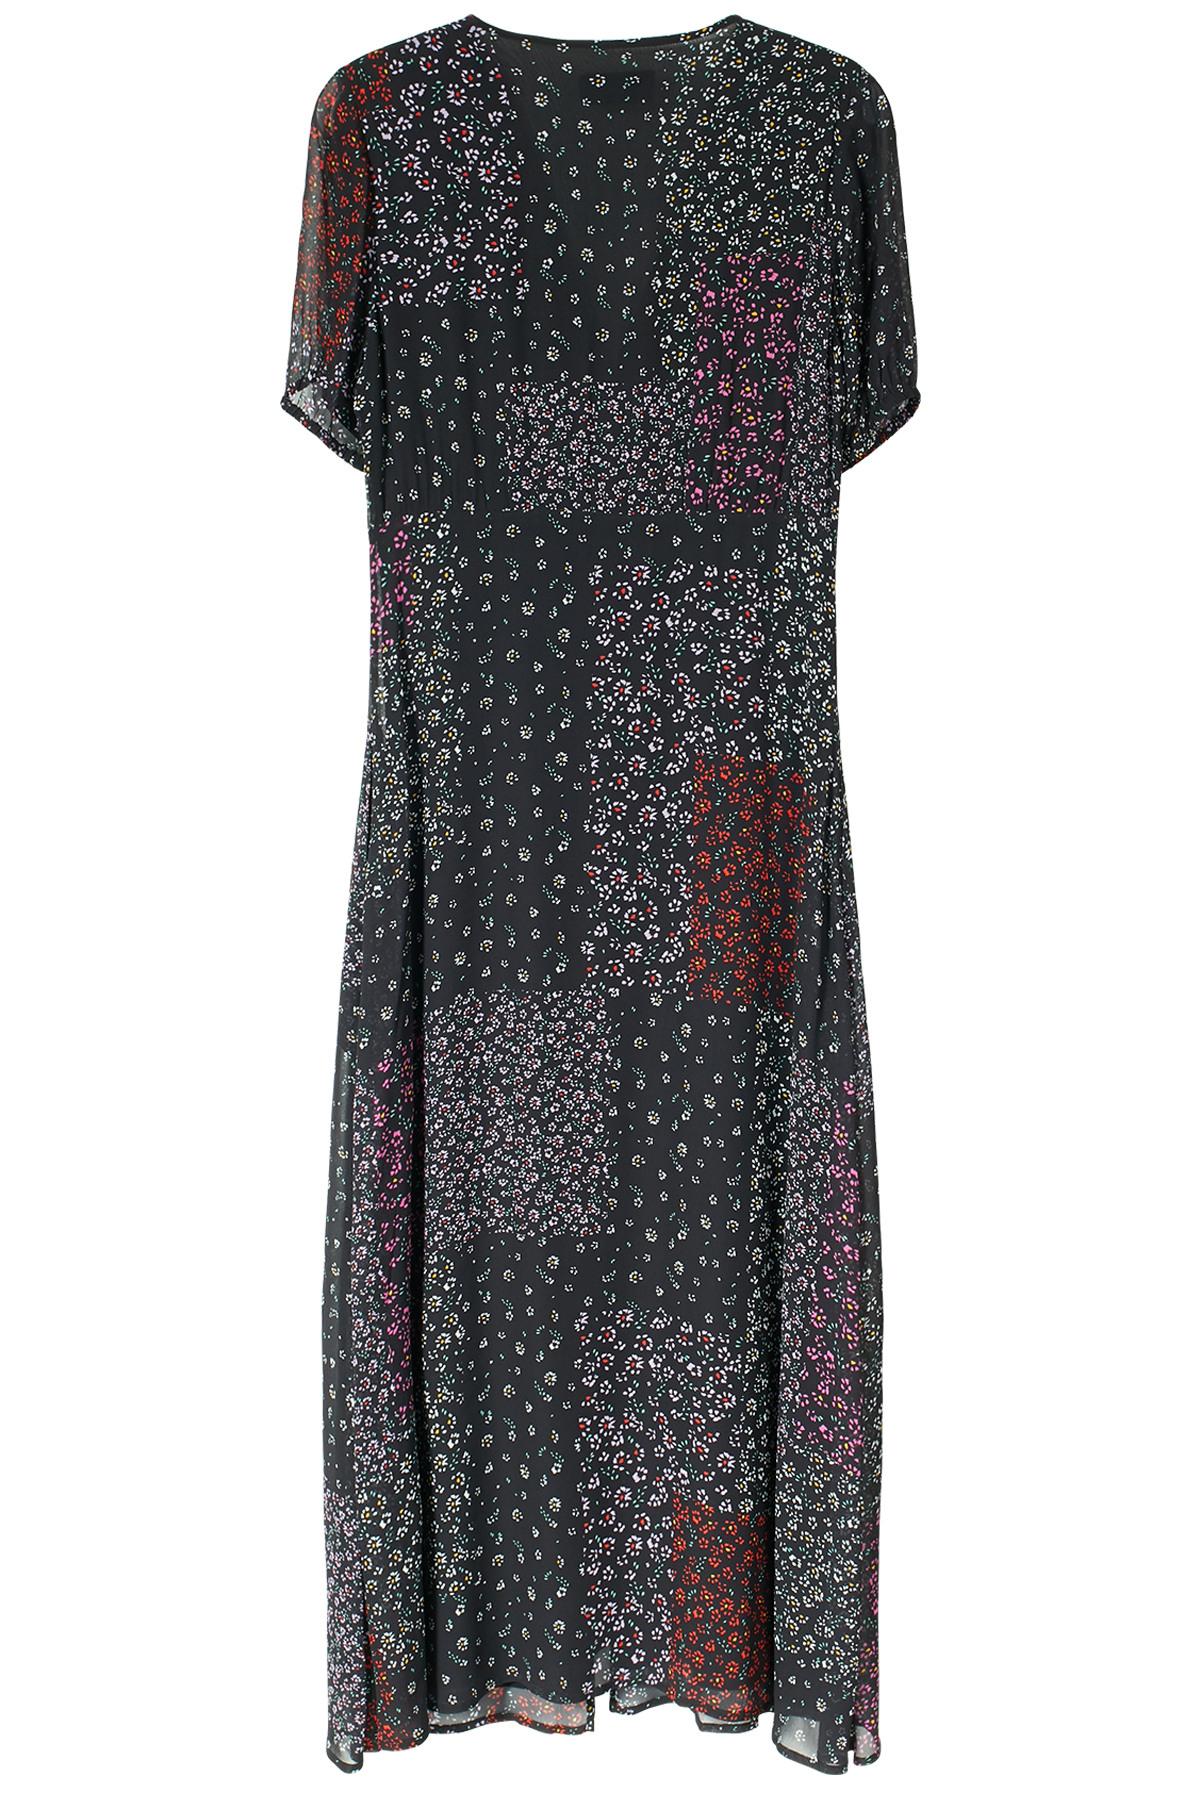 Kleid Aus Viskosechiffon  Jadicted  Myclassico